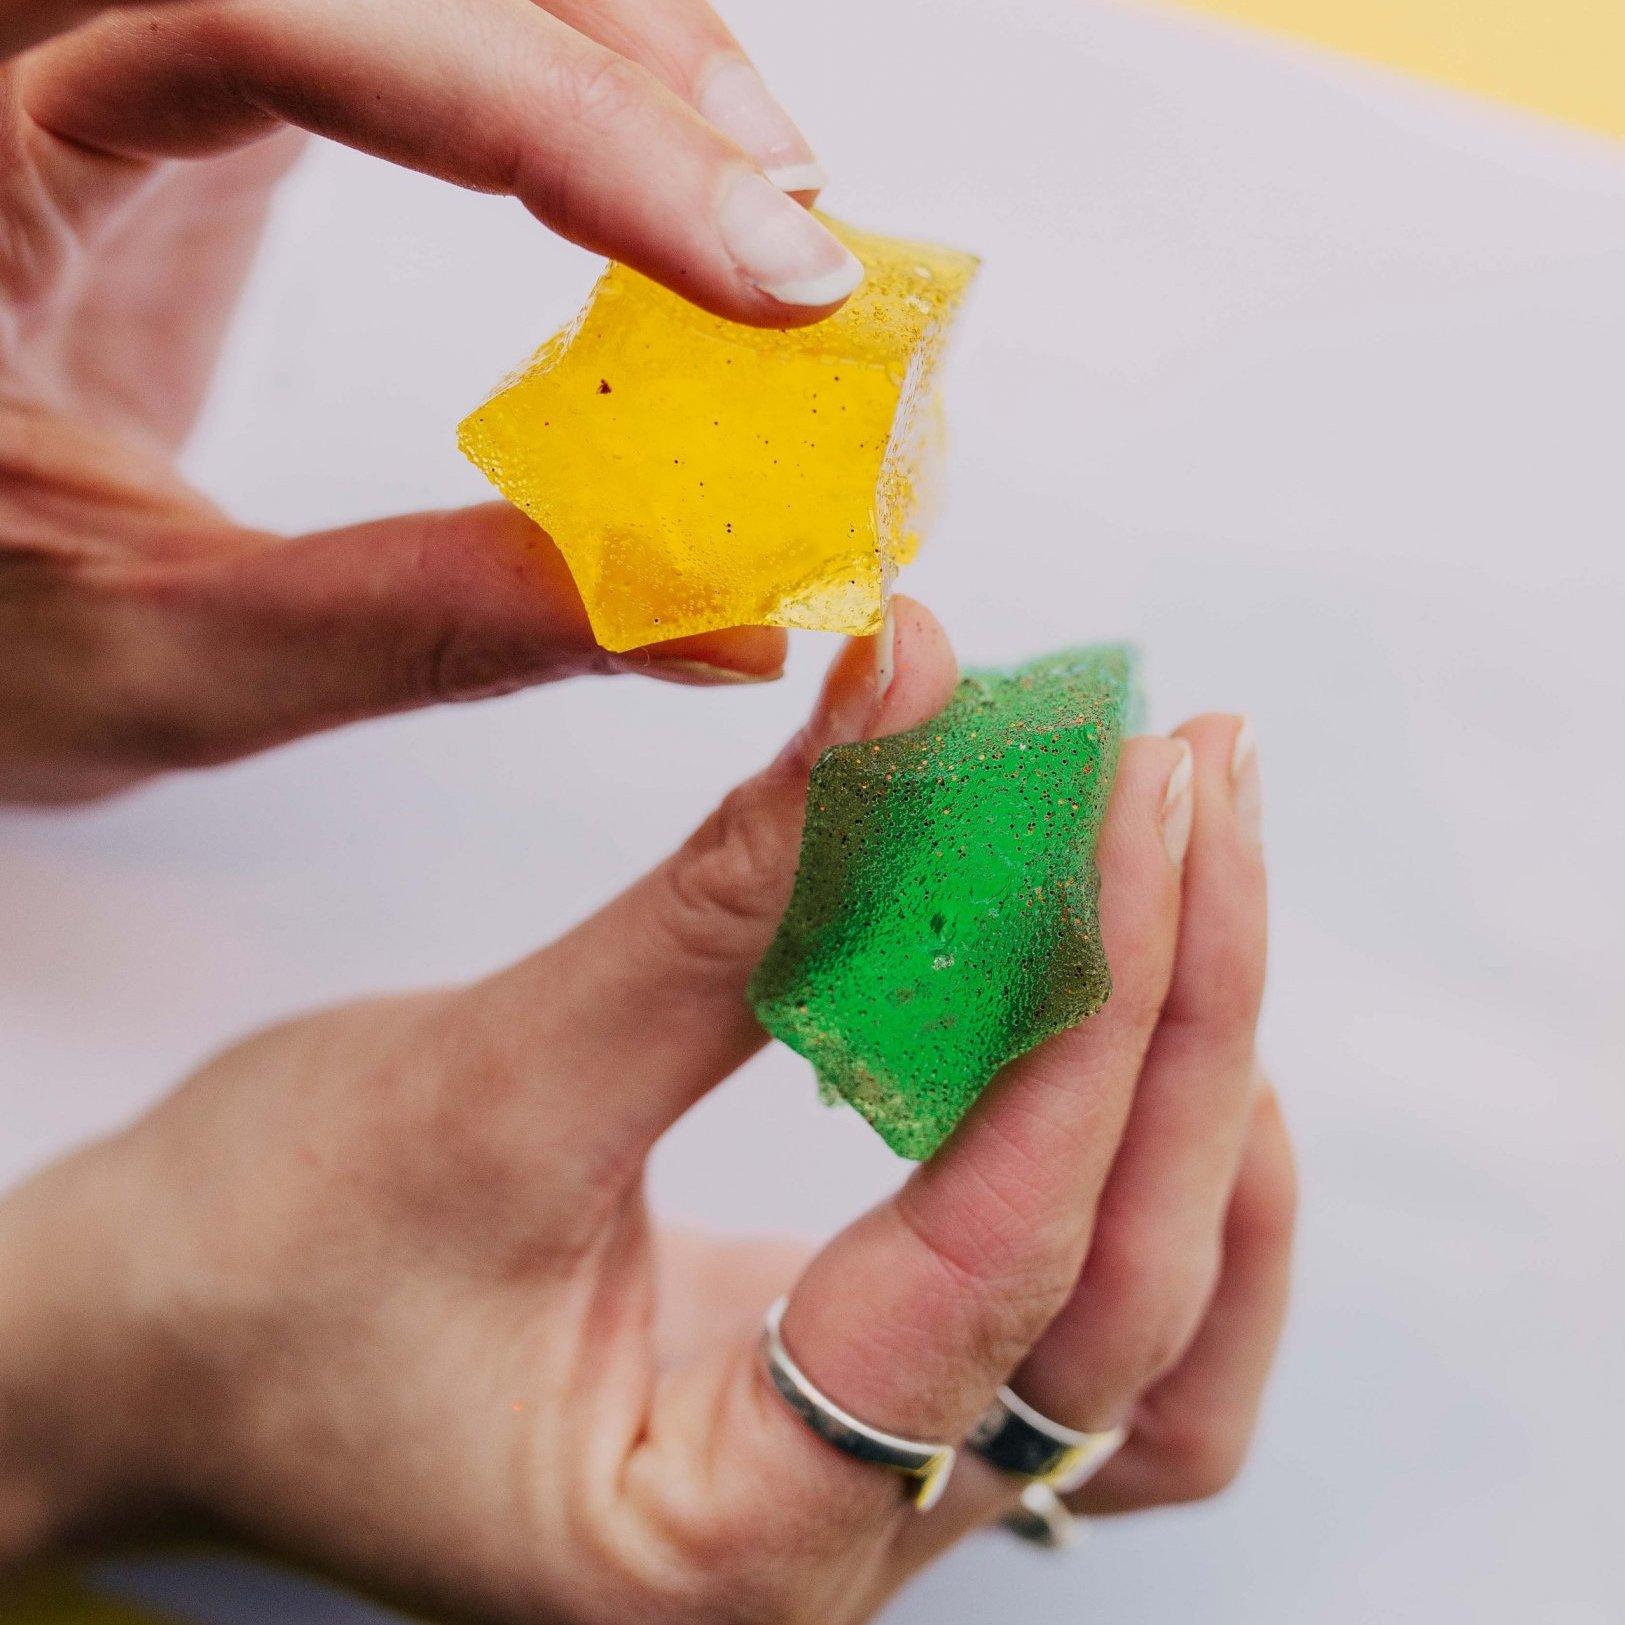 Woobly Soap Activity Kit